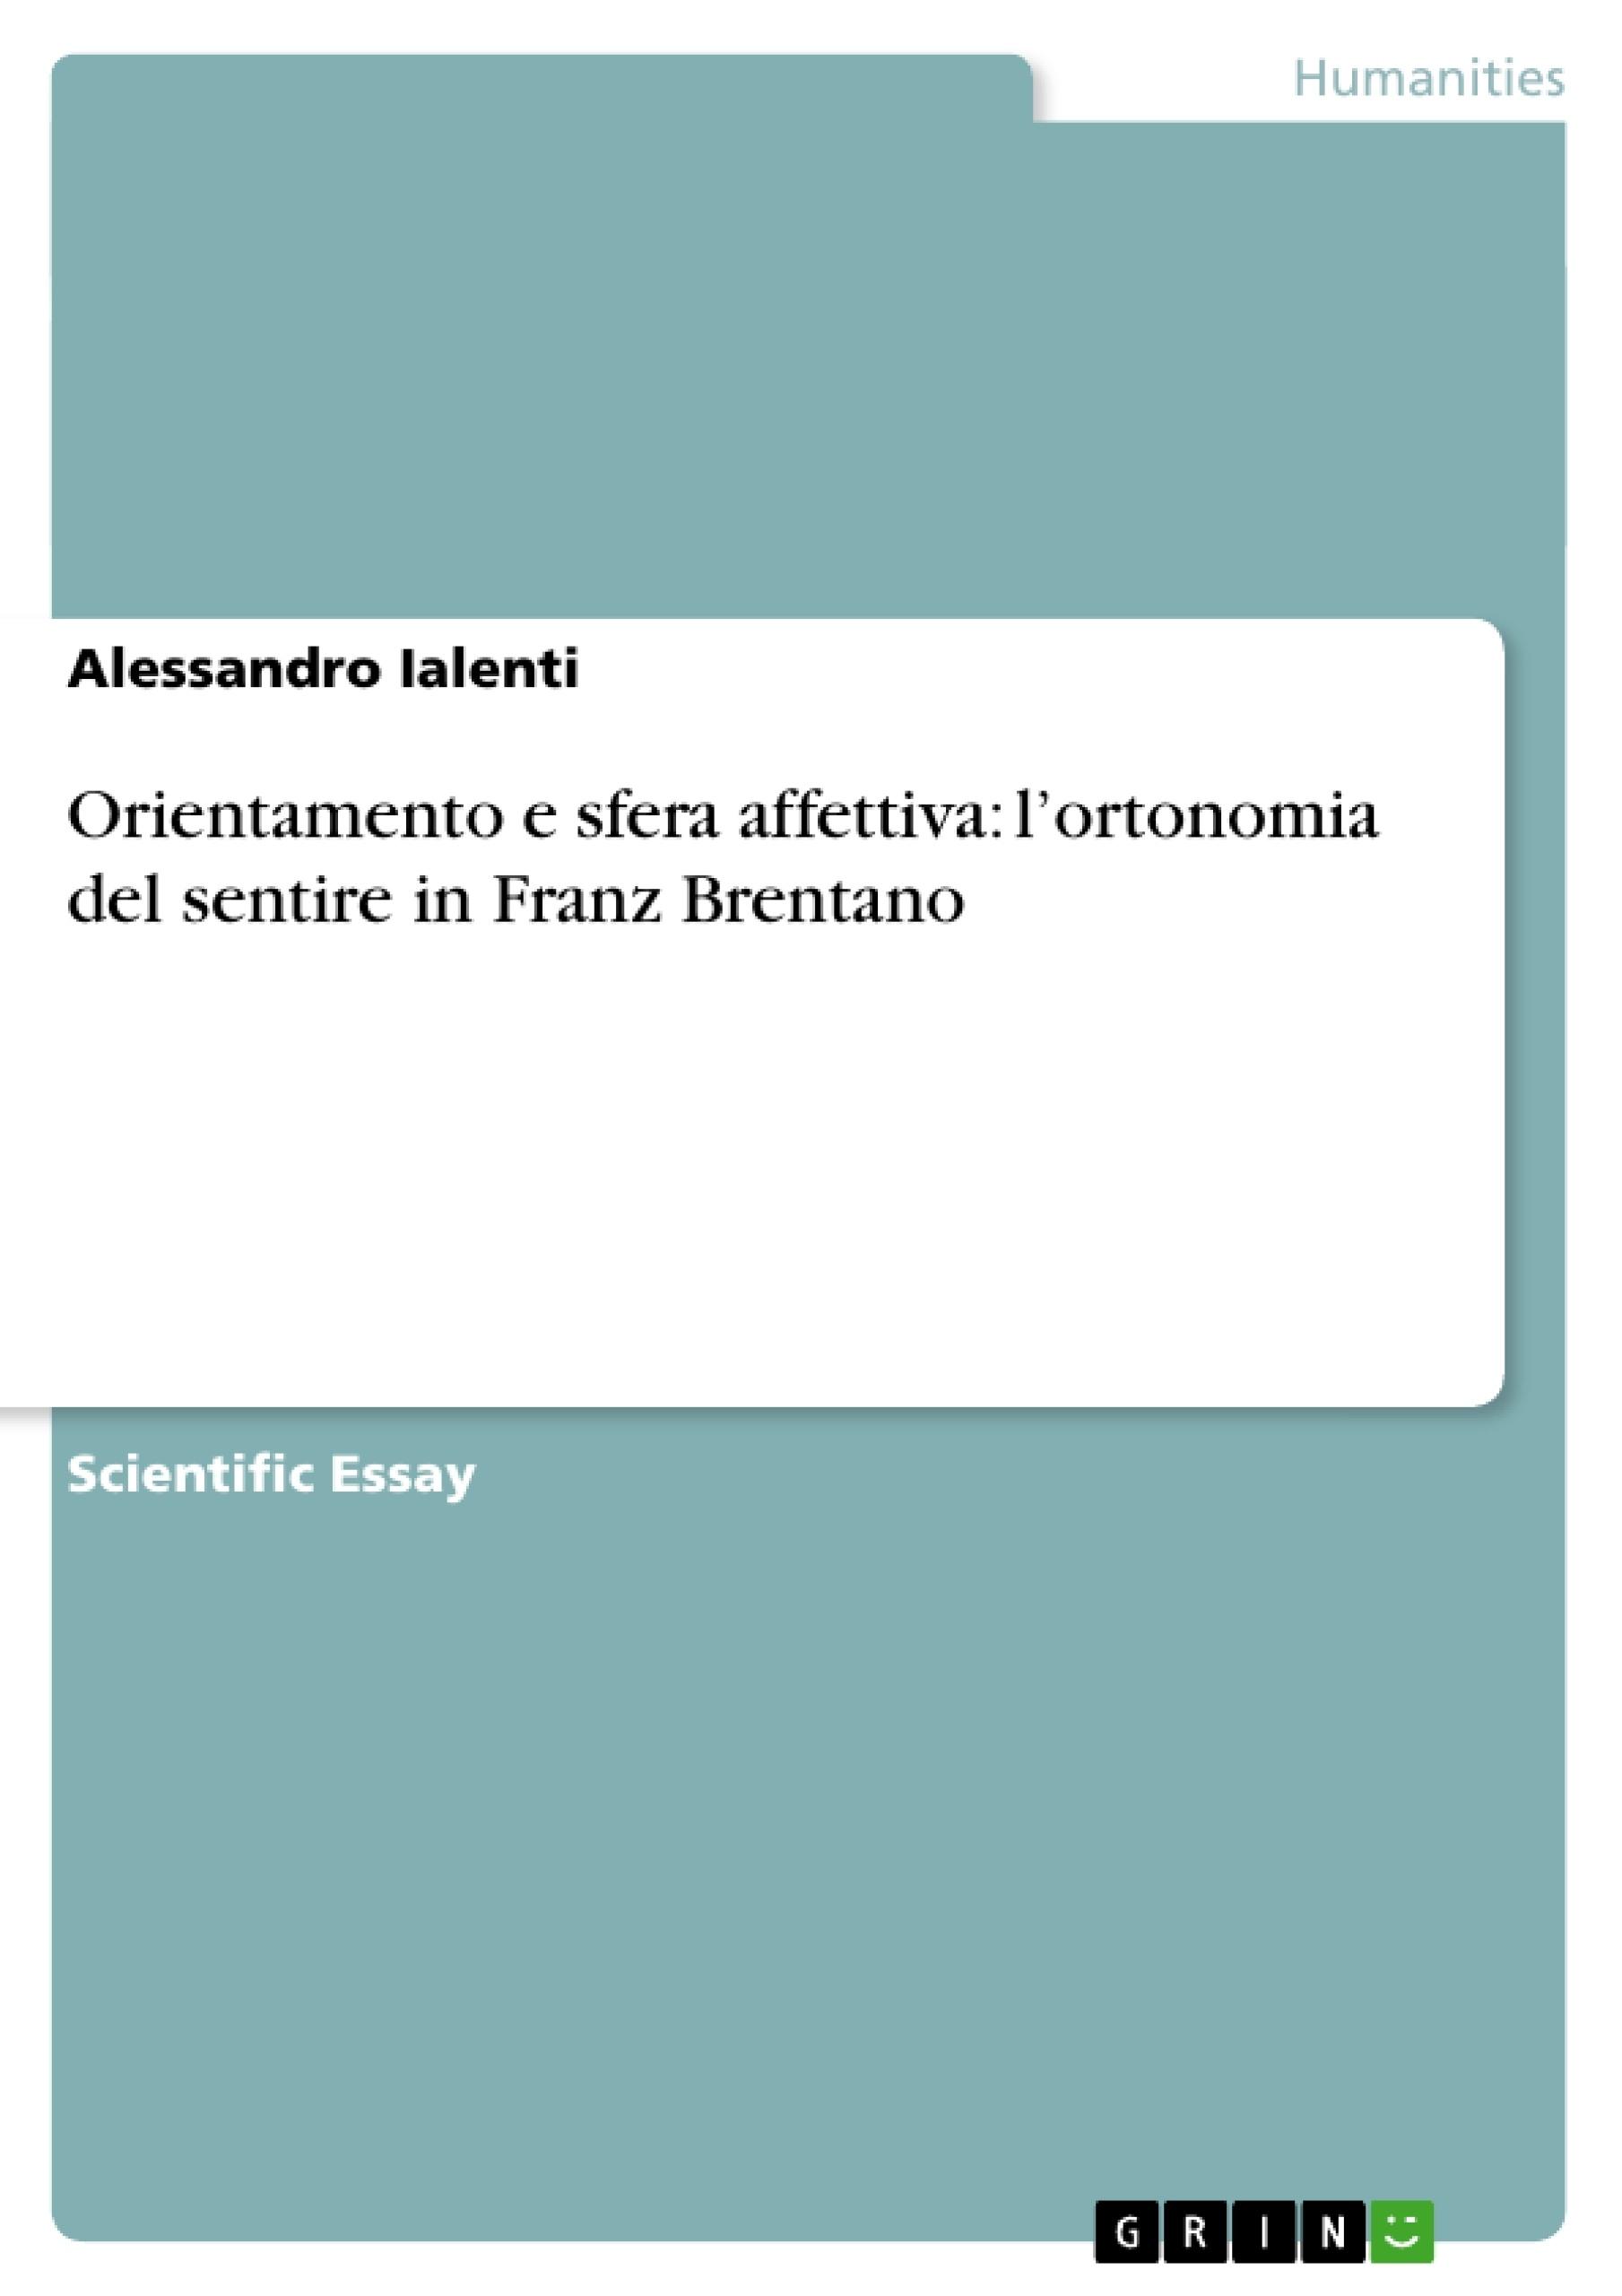 Title: Orientamento e sfera affettiva: l'ortonomia del sentire in Franz Brentano